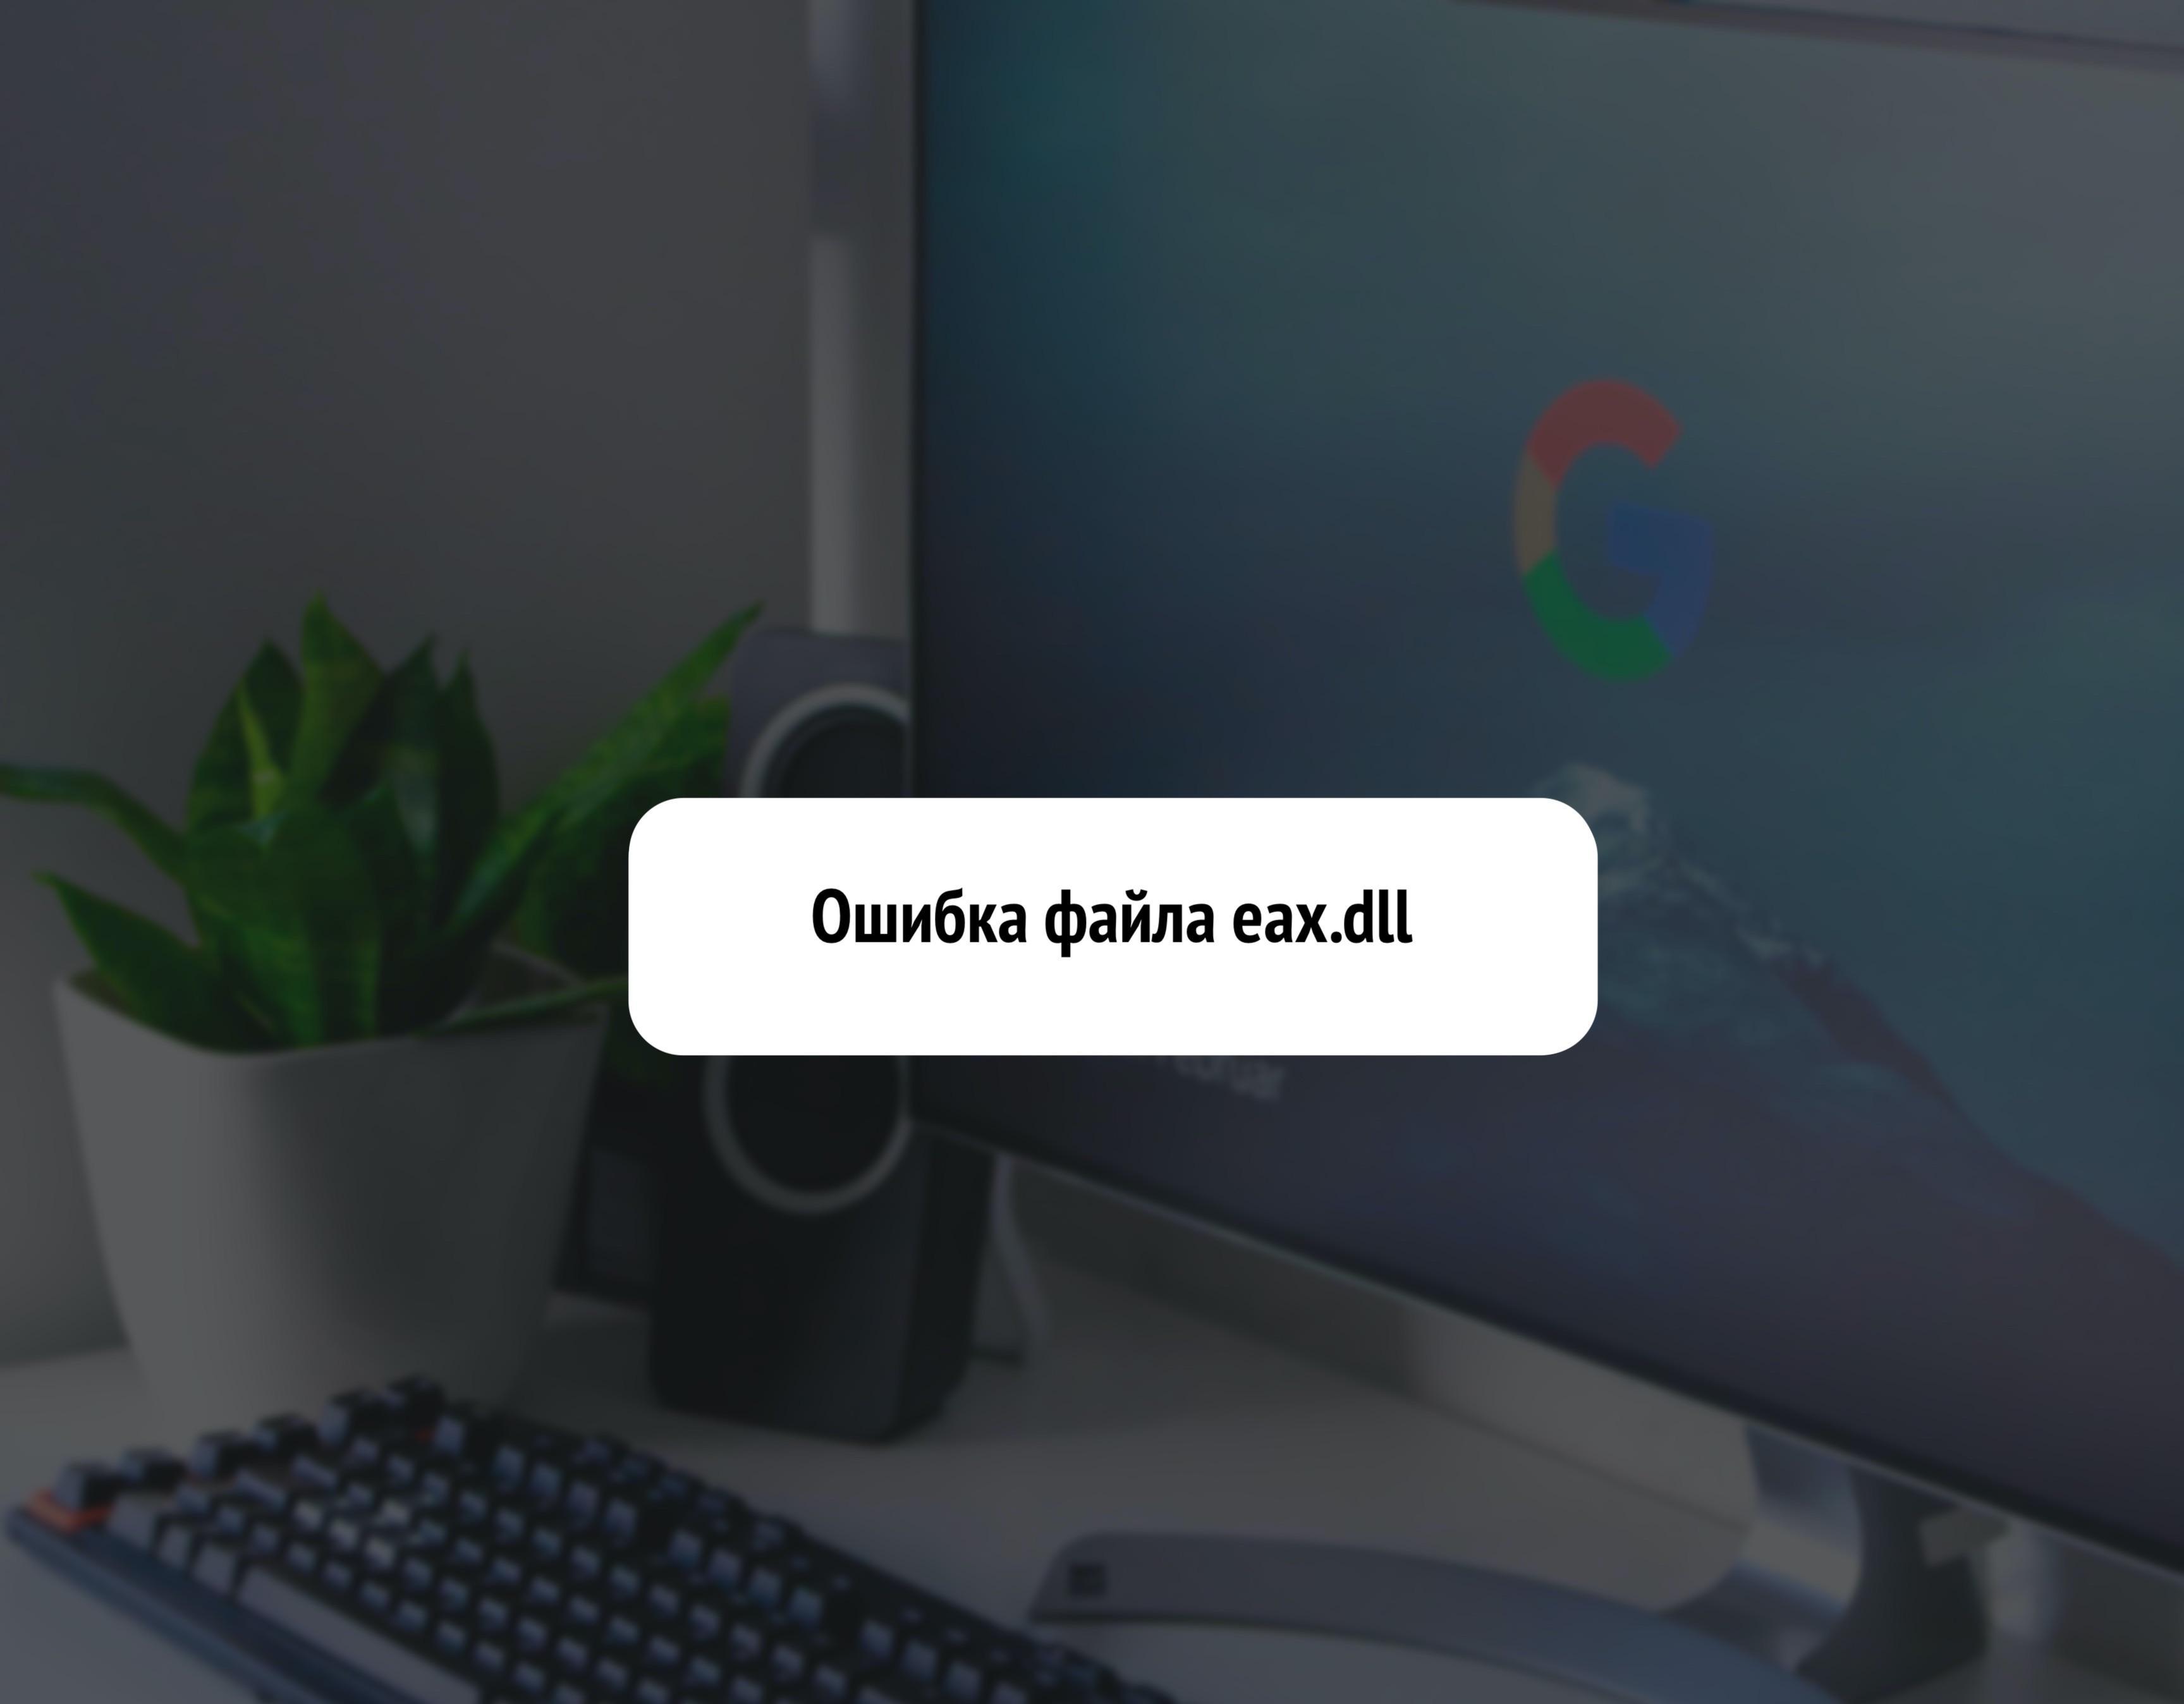 Исправление ошибки файла eax.dll